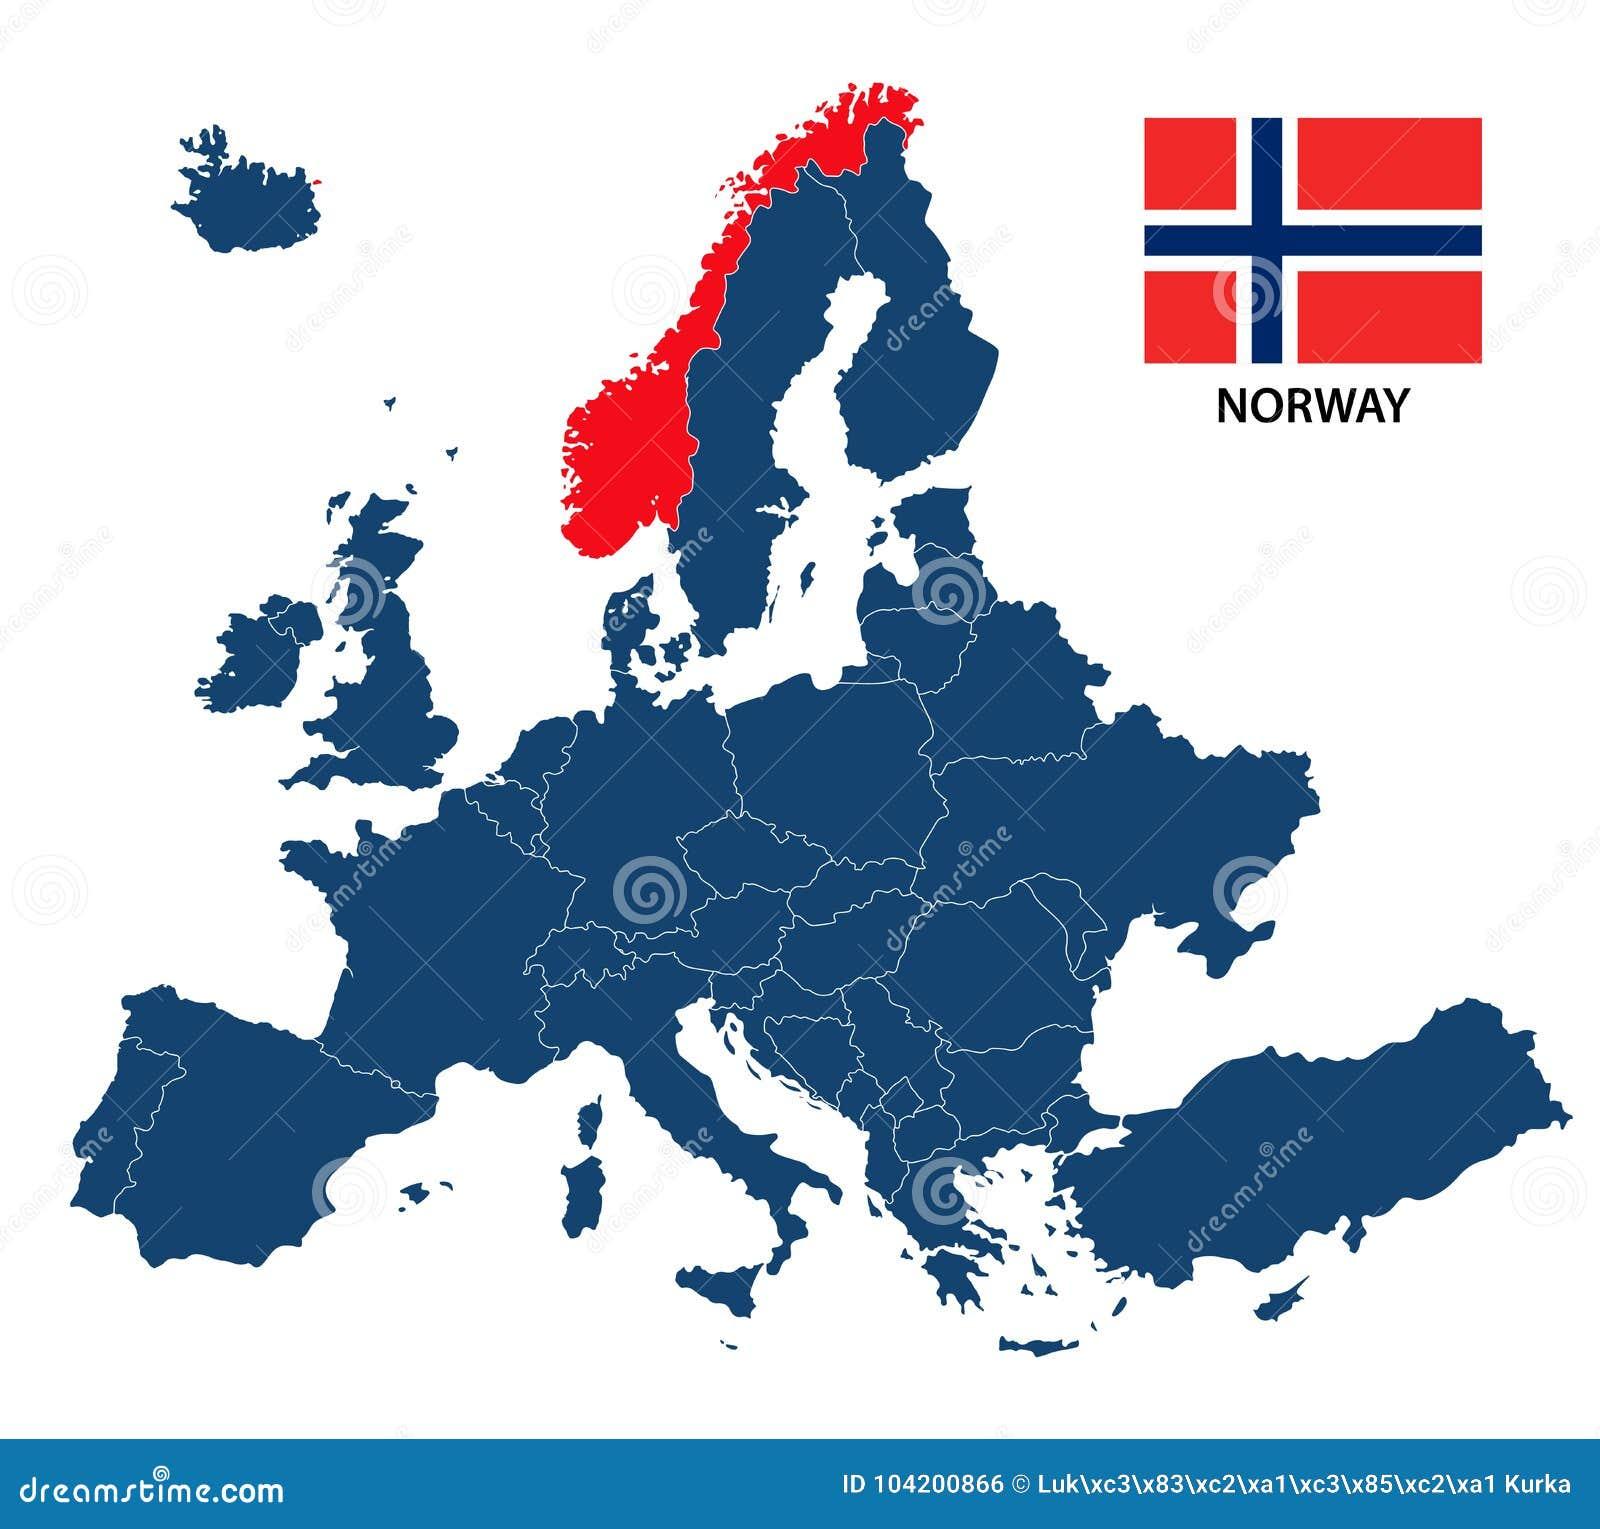 La Norvegia Cartina.Vector L Illustrazione Di Una Mappa Di Europa Con La Norvegia Evidenziata Illustrazione Vettoriale Illustrazione Di Disegno Immagine 104200866